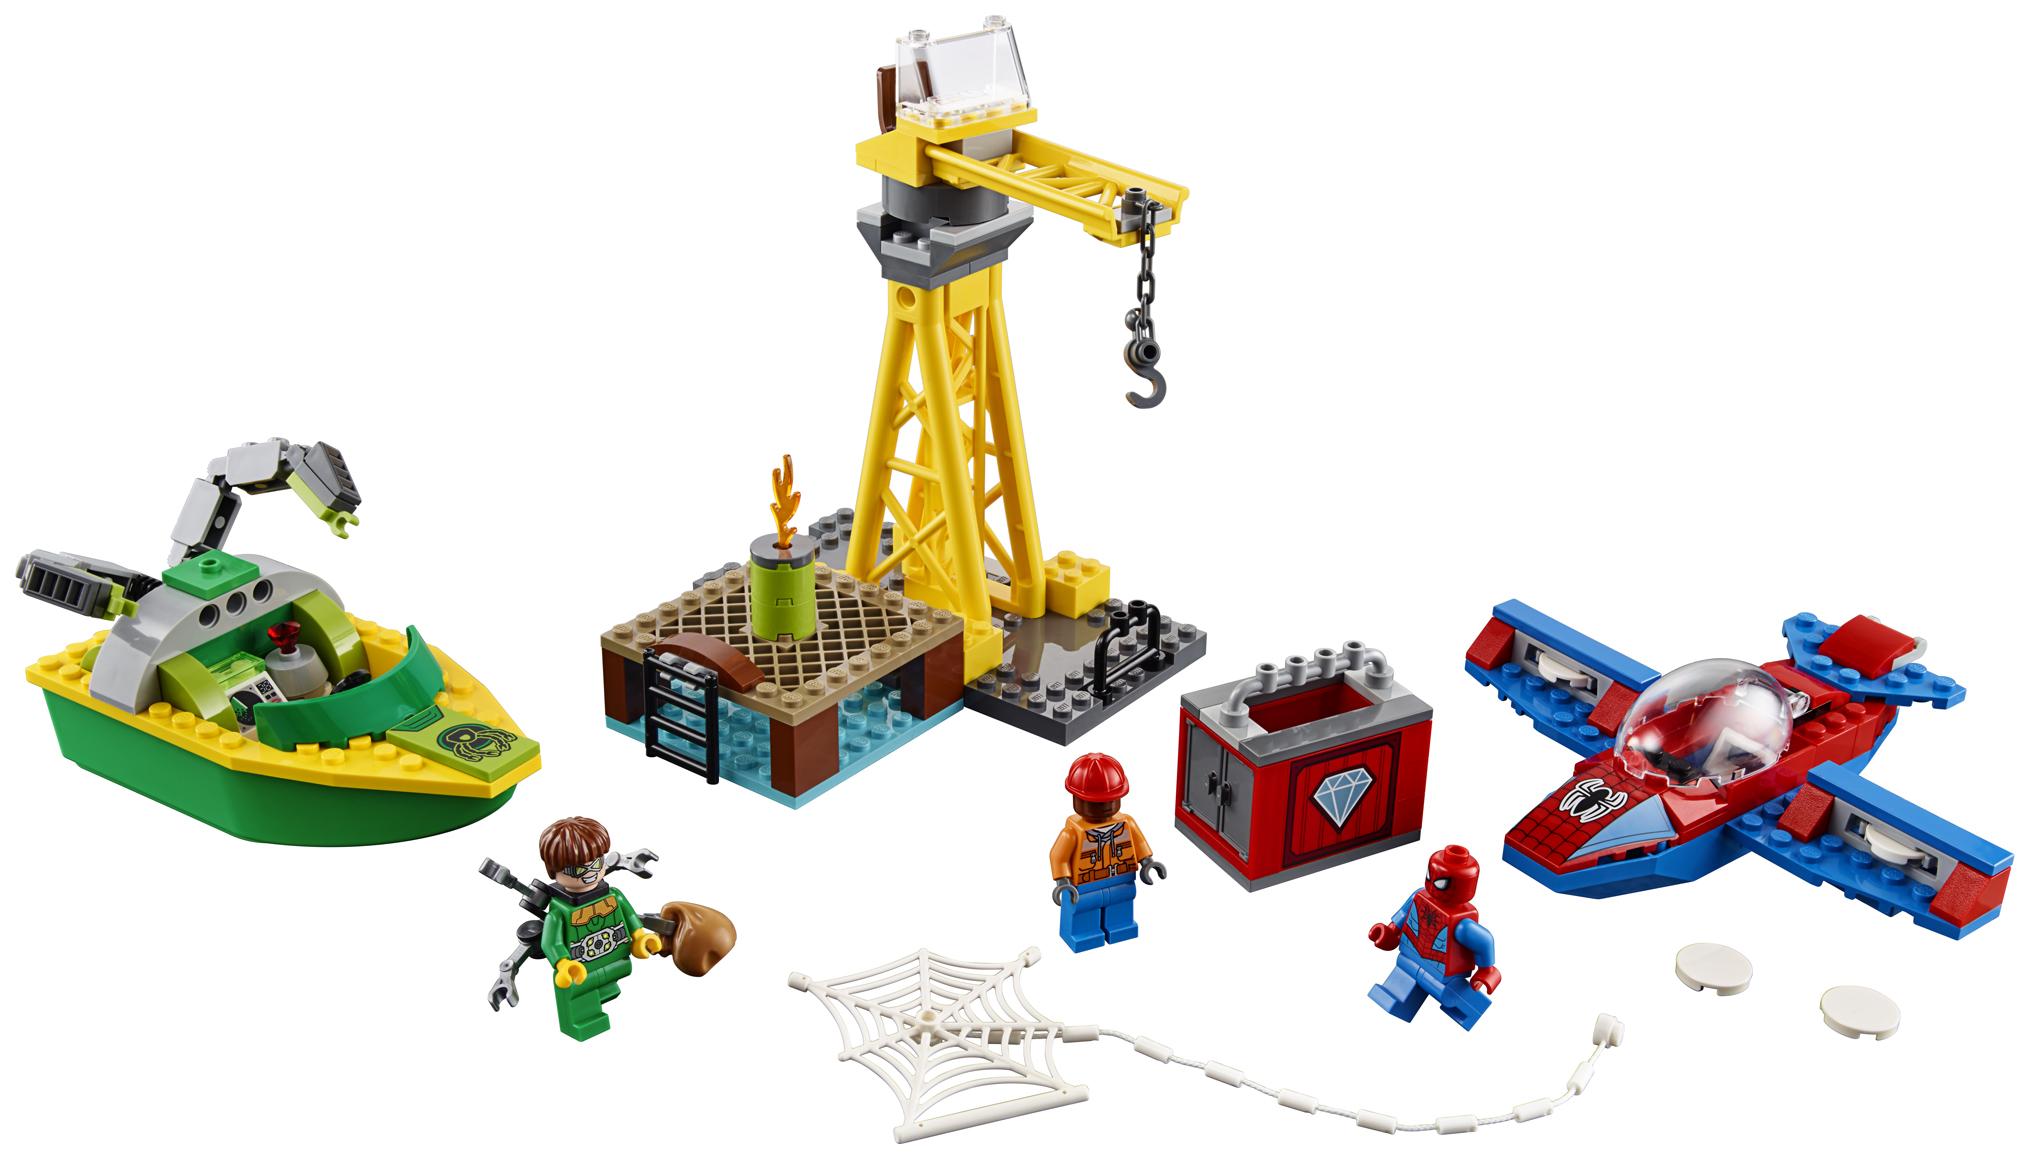 Конструктор LEGO Super Heroes Человек-паук похищение бриллиантов Доктором Осьминогом 76134 фото